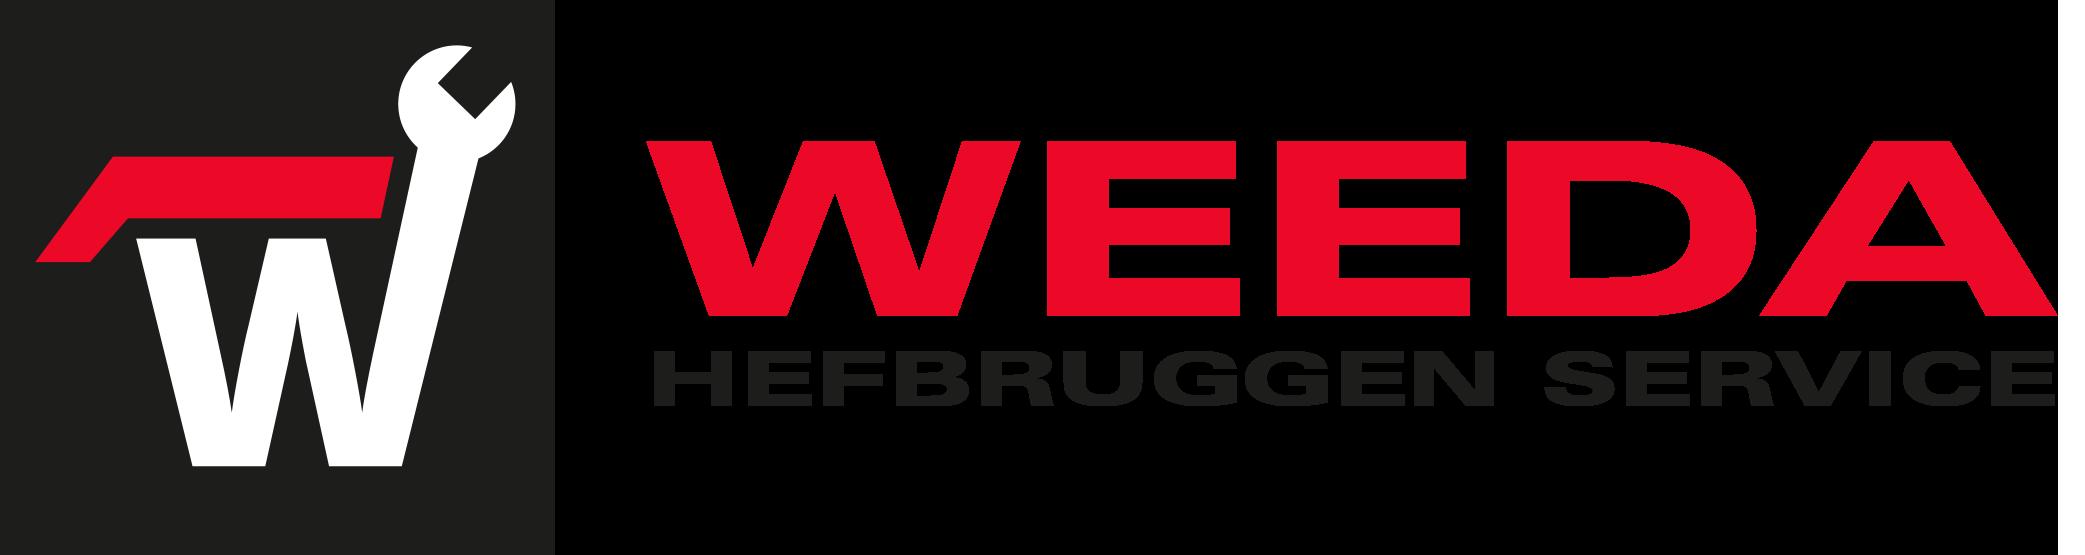 weeda-service